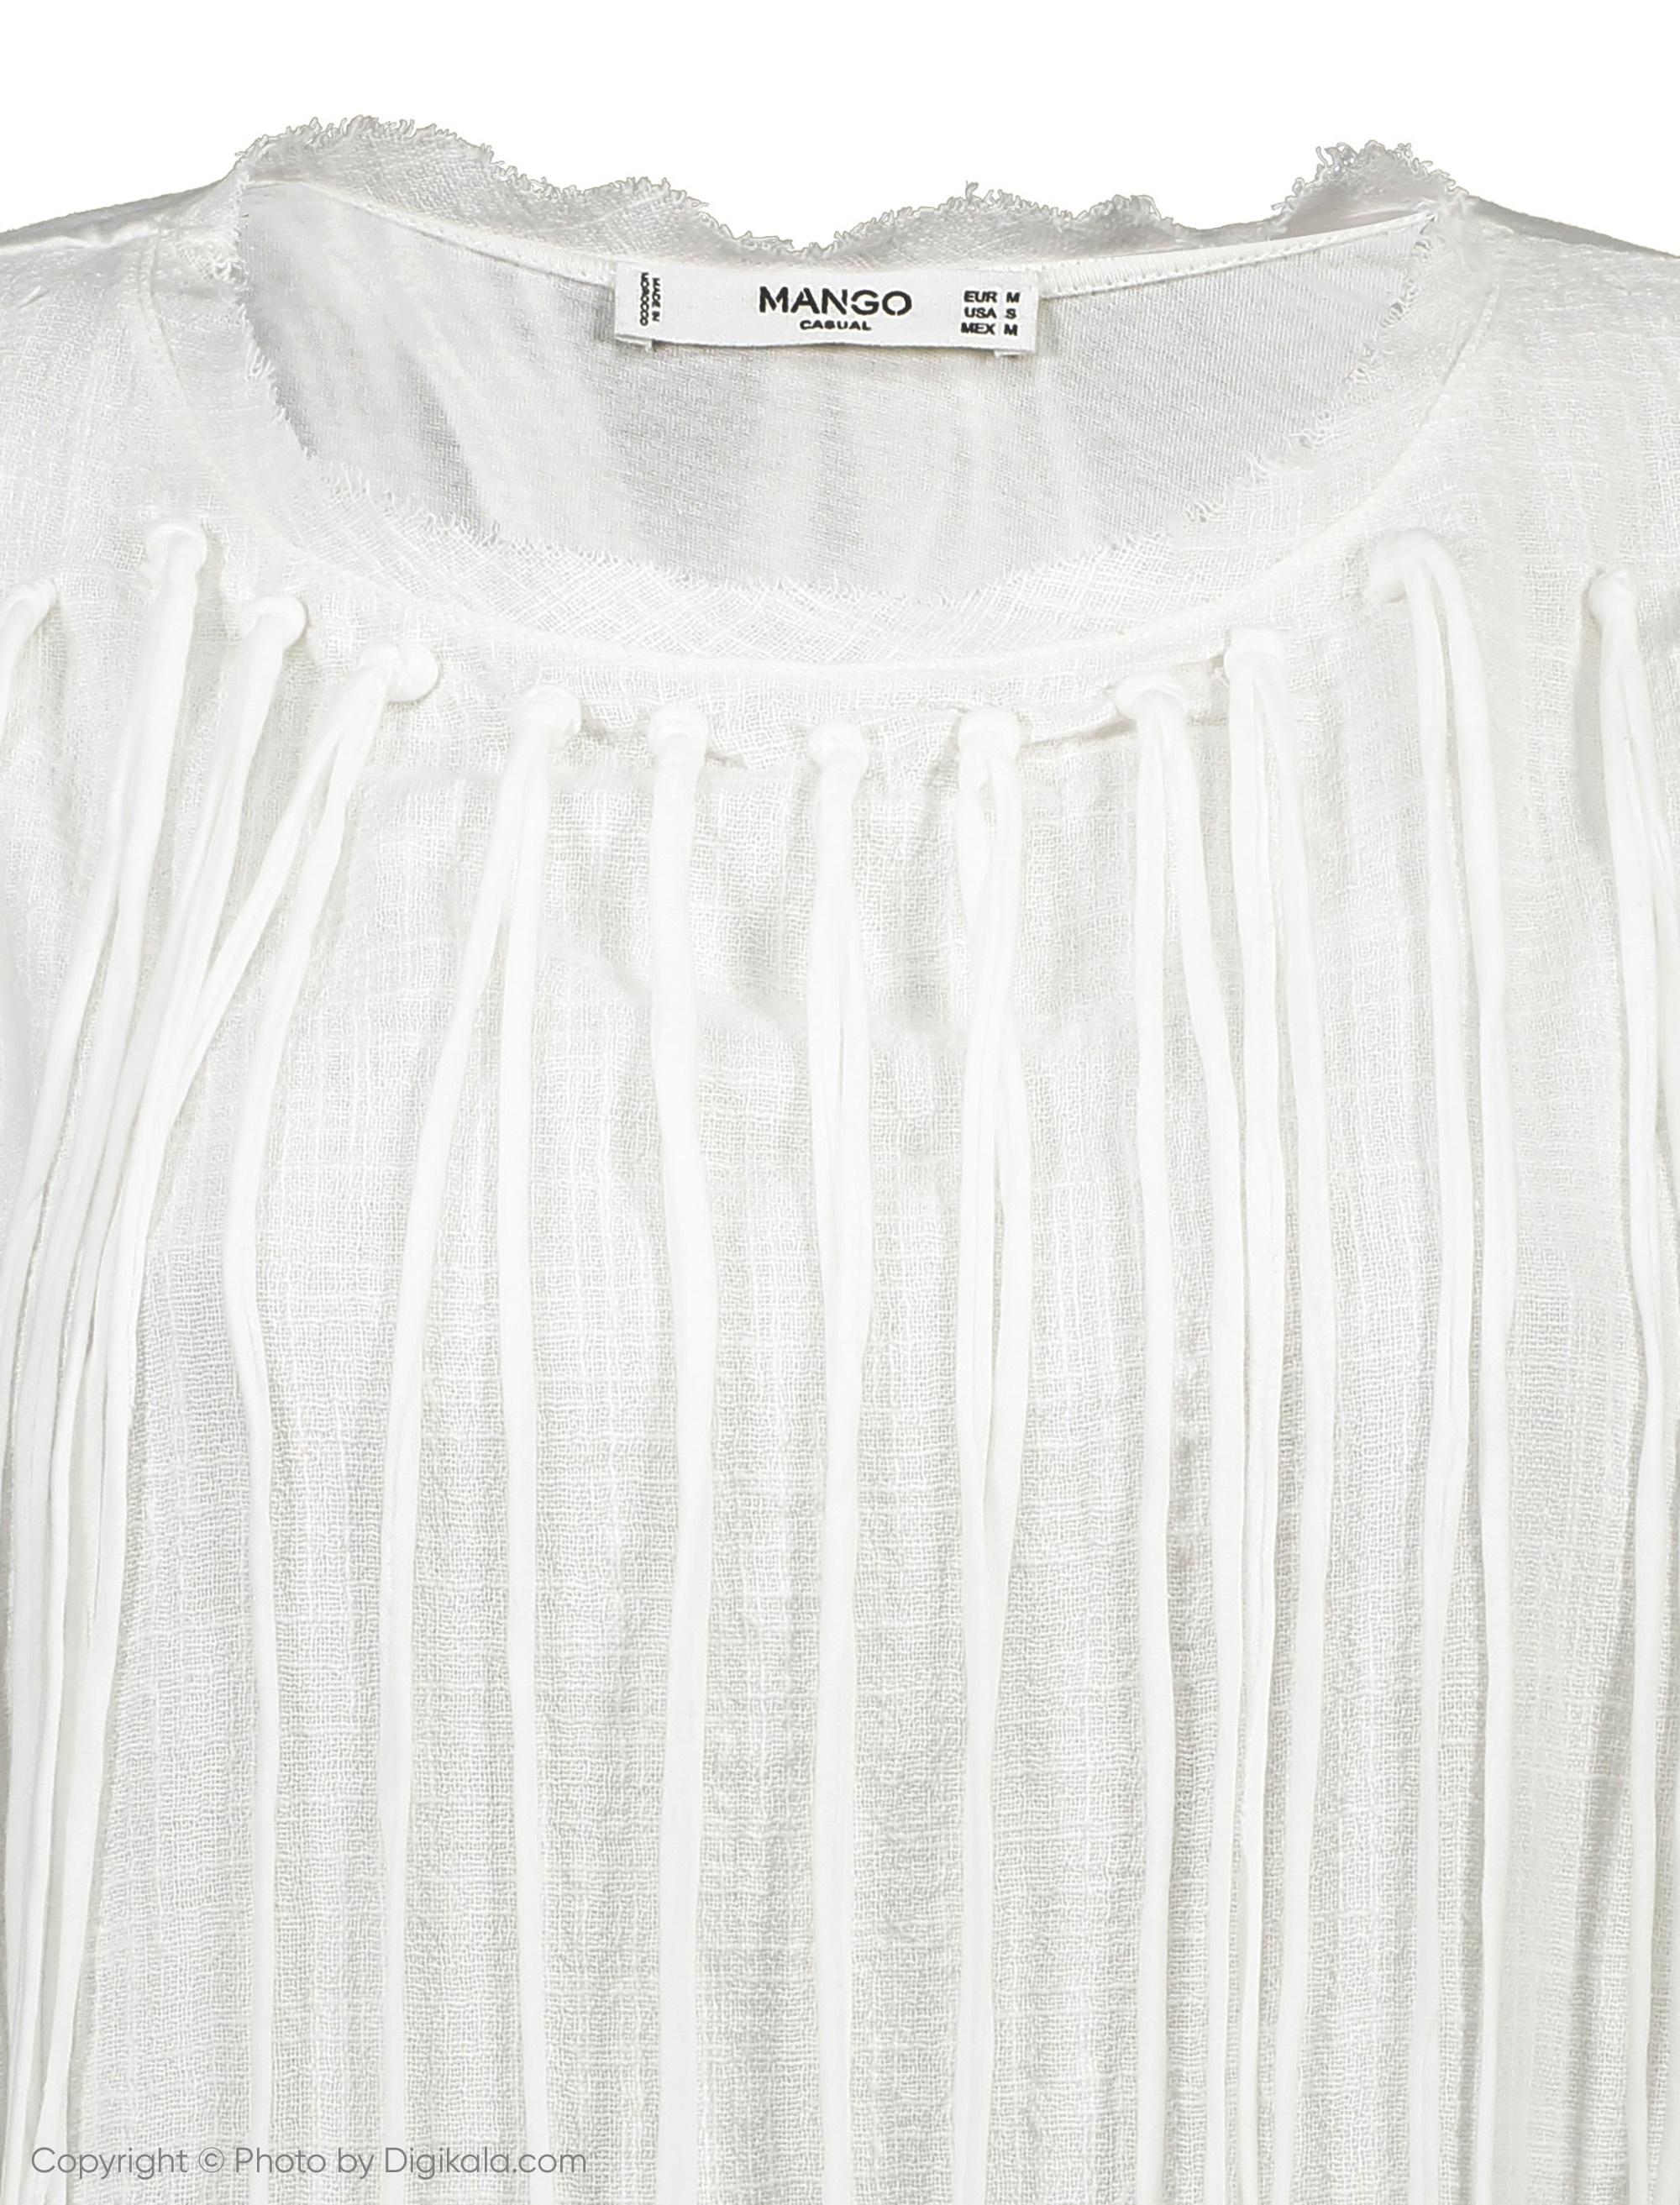 تی شرت نخی یقه گرد زنانه - مانگو - سفید - 4